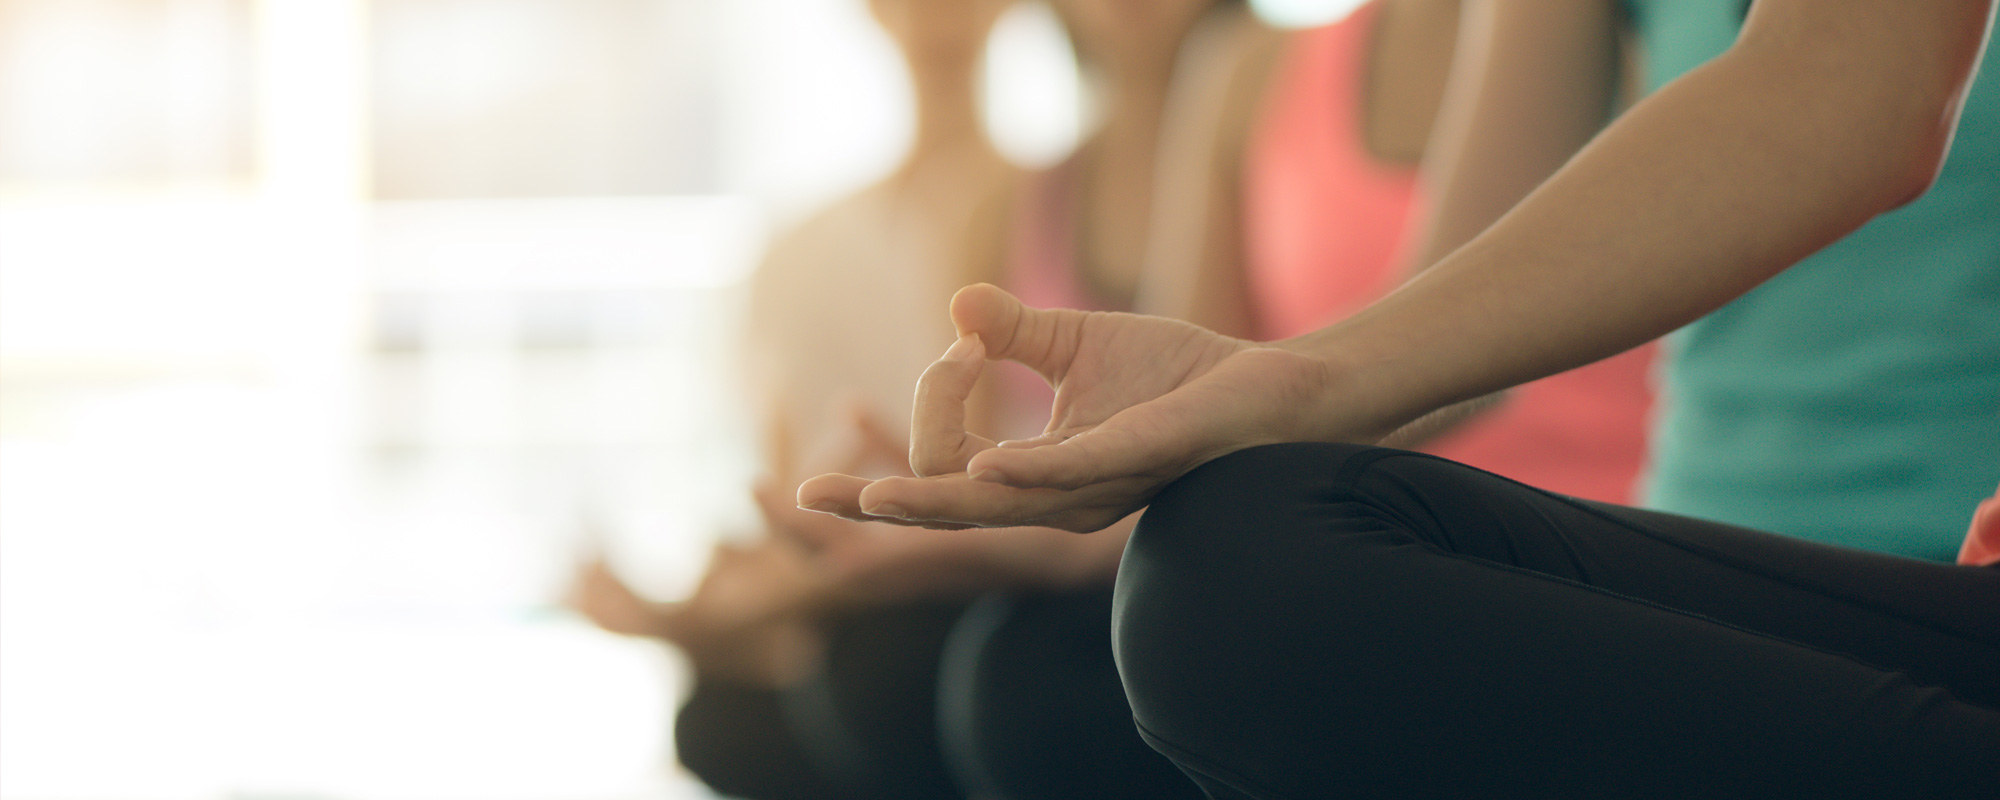 Taller de Mindfulness con niños y adolescentes